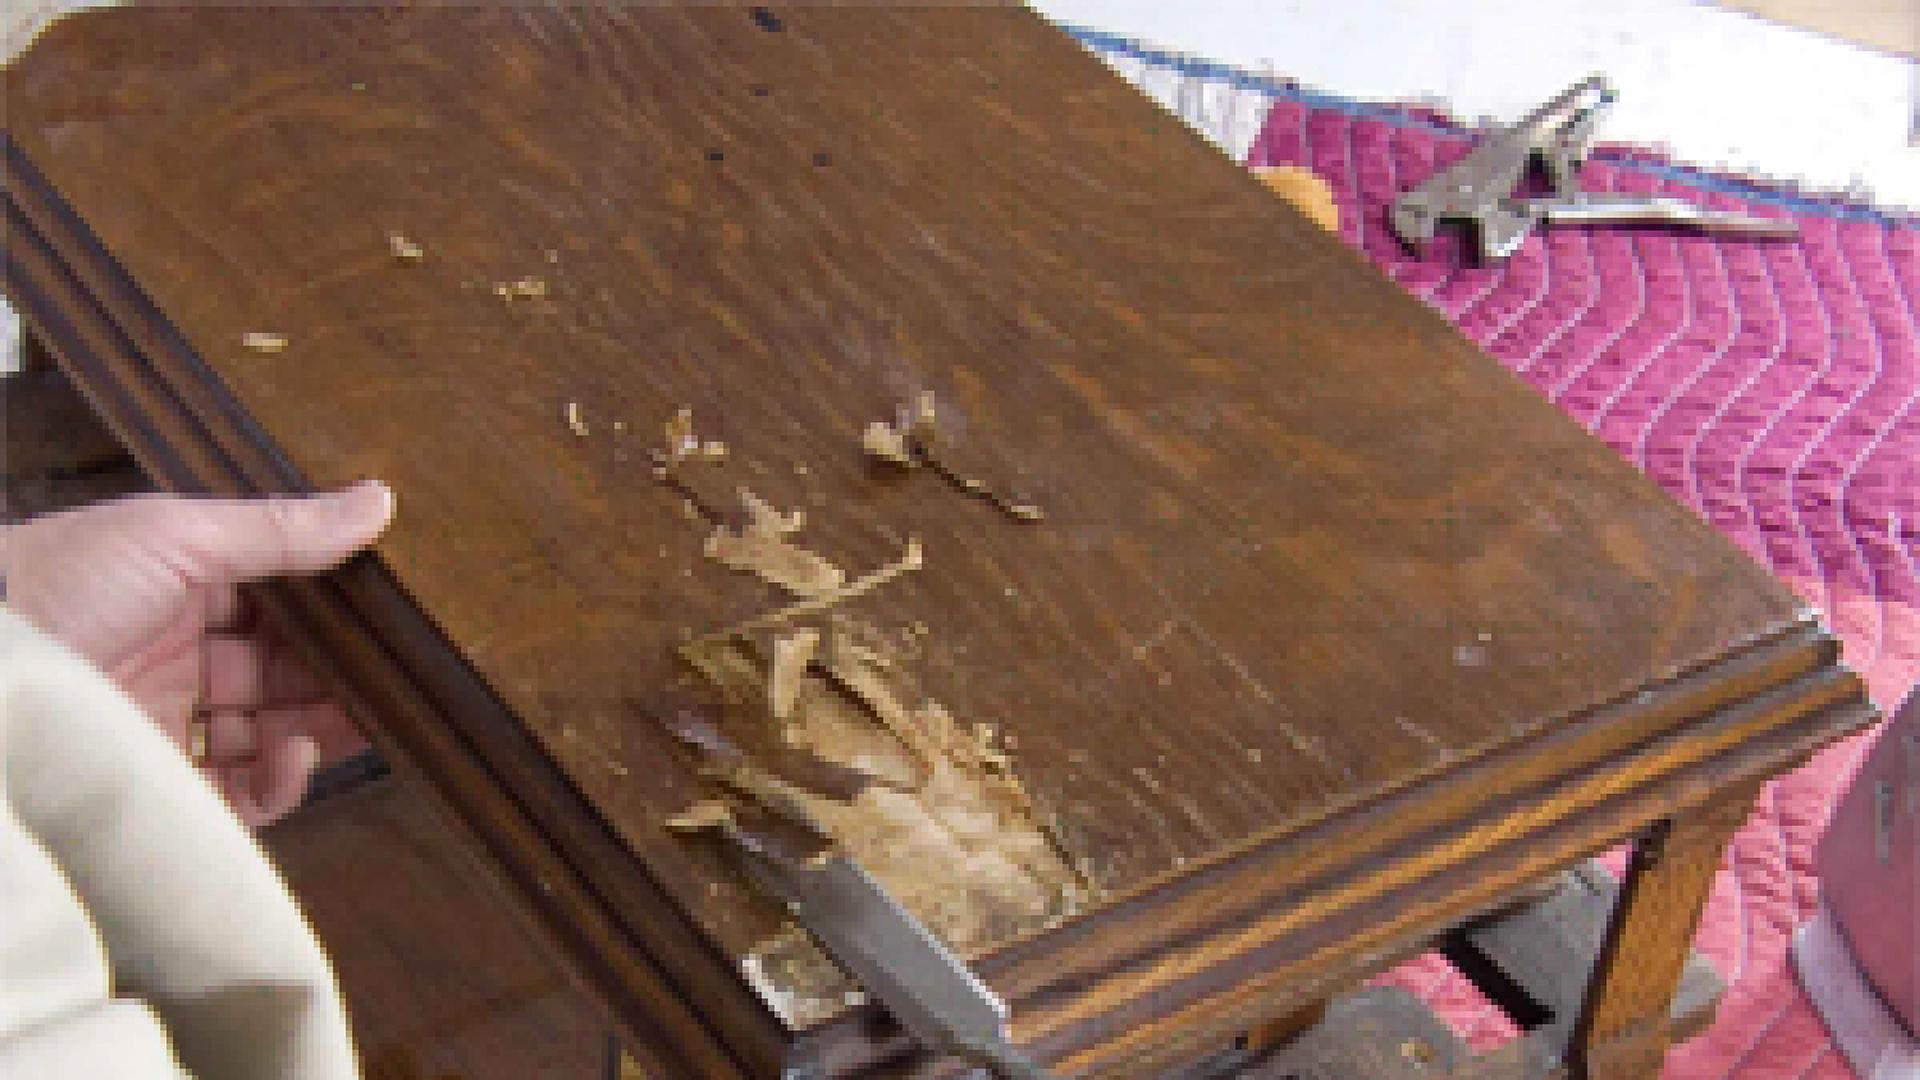 Woodworking Restoration Guide - Repair Veneer on an Antique